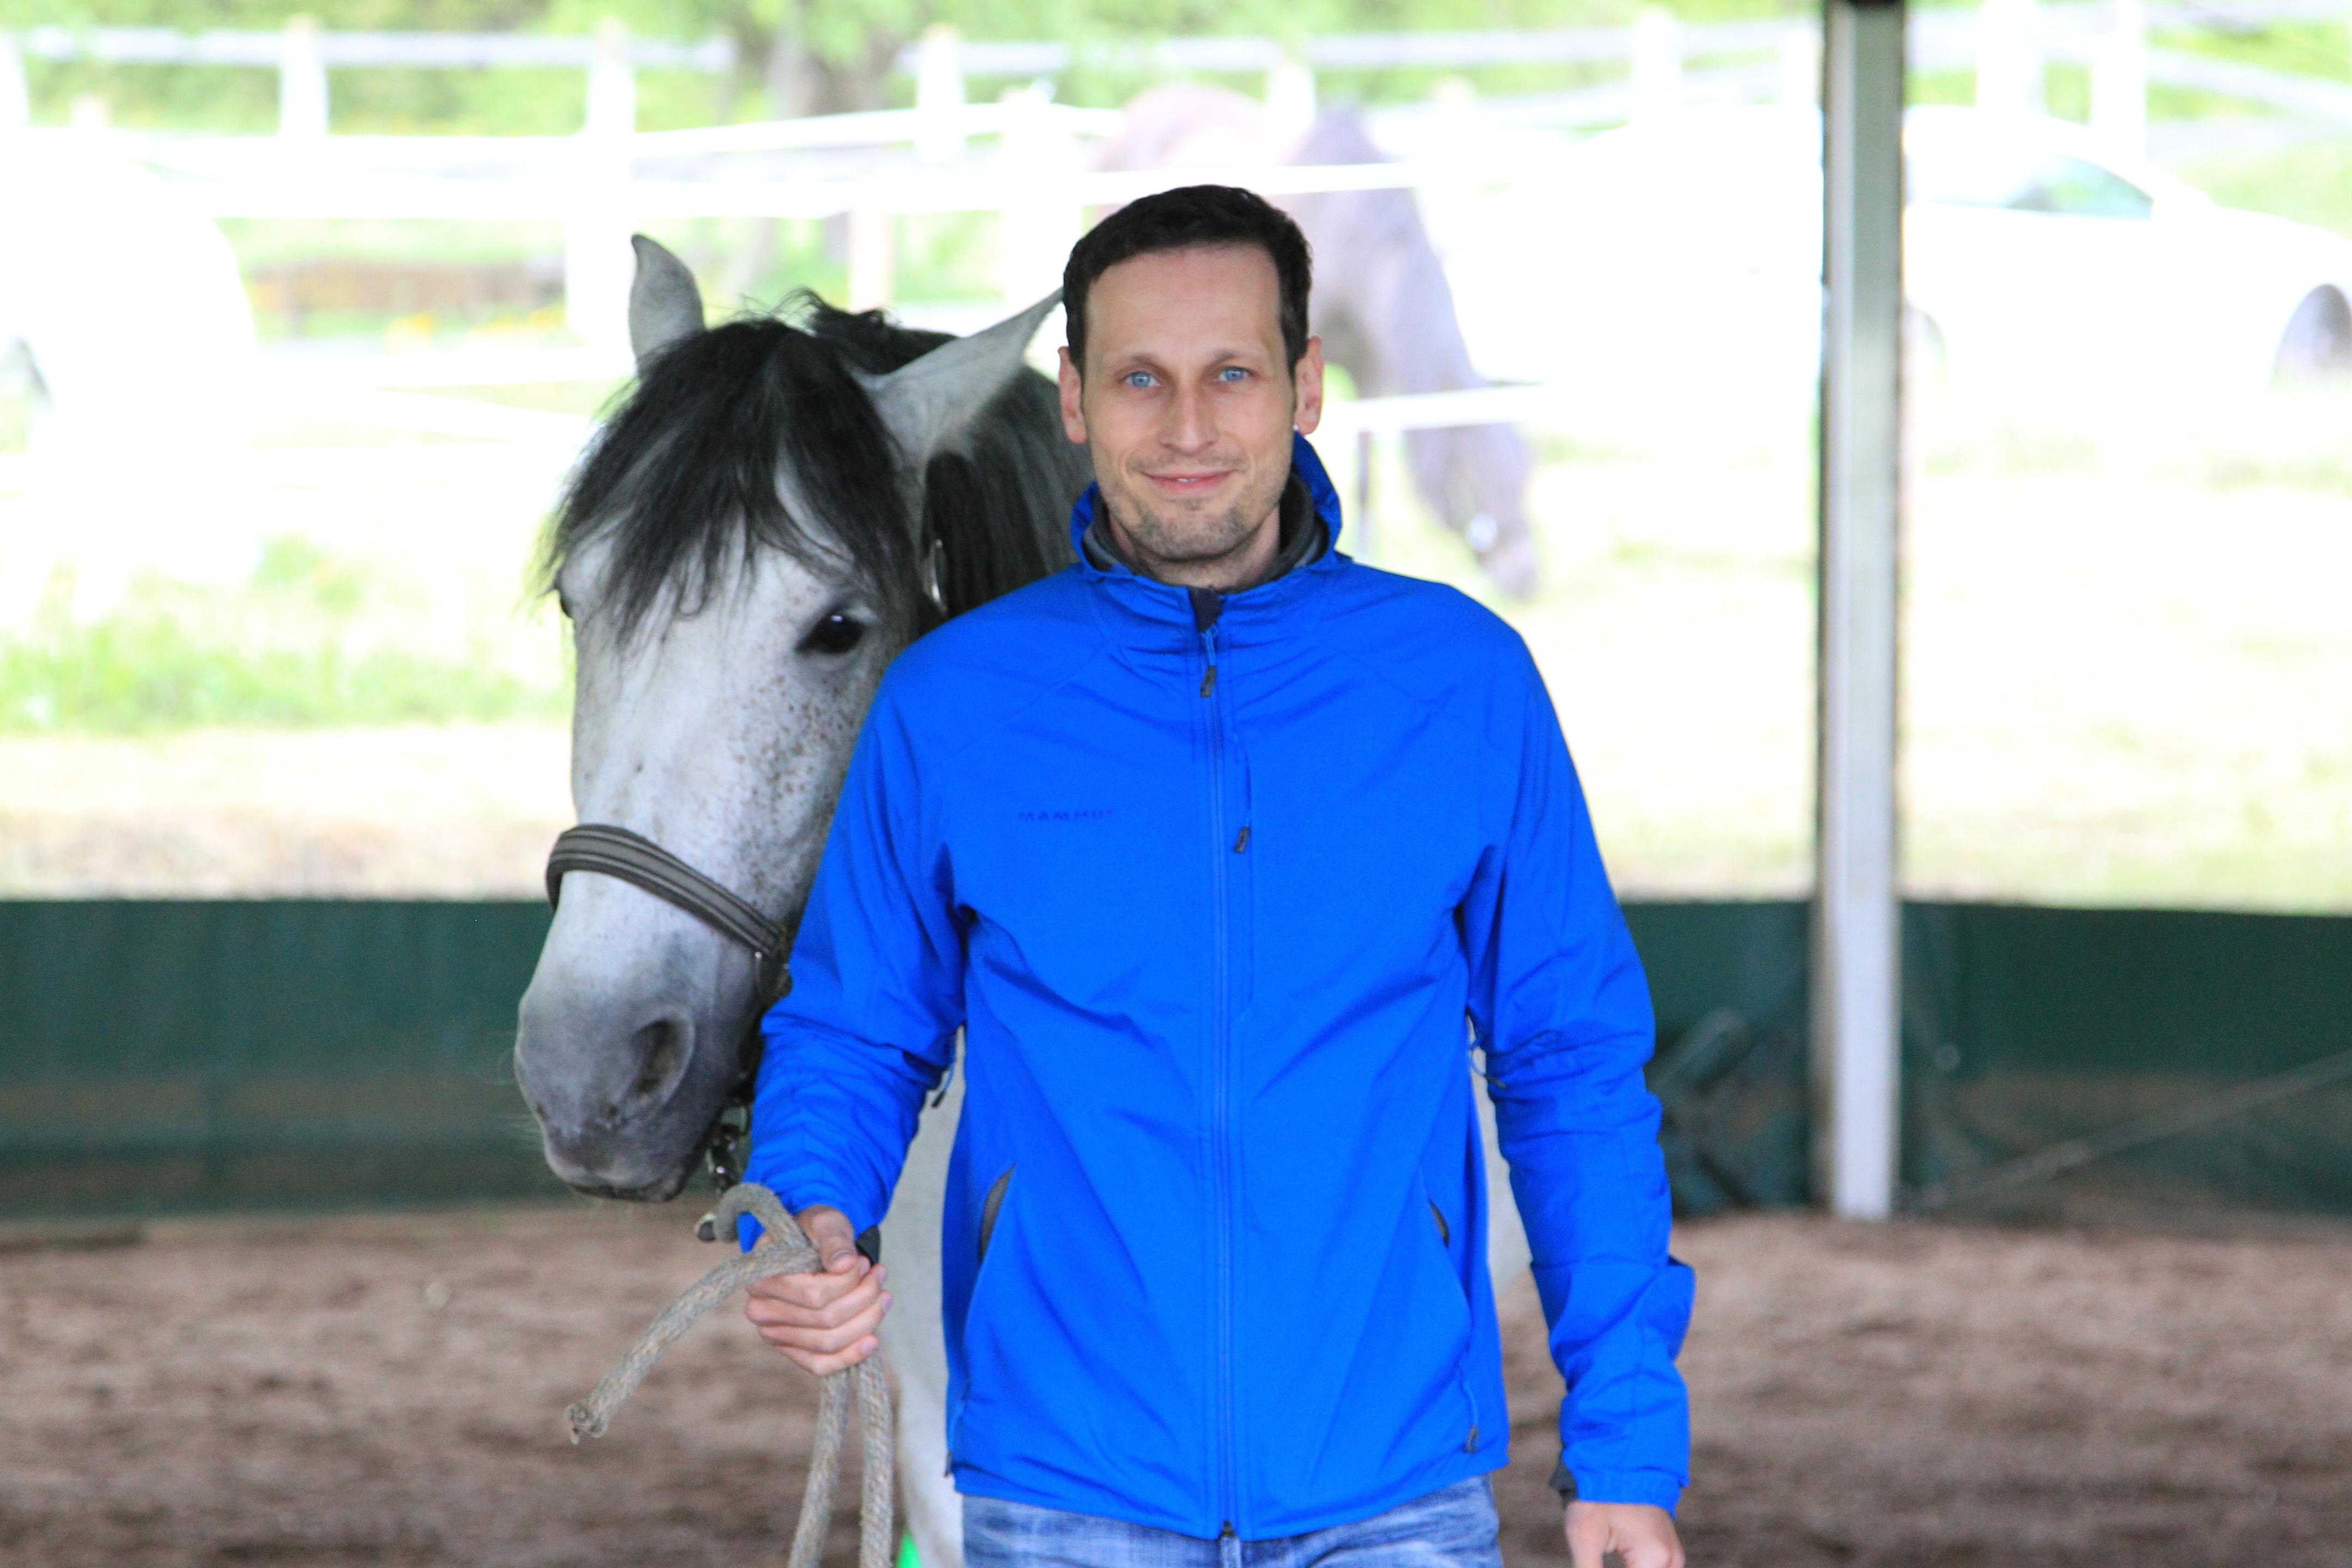 Pferd wird von Führungskraft geführt